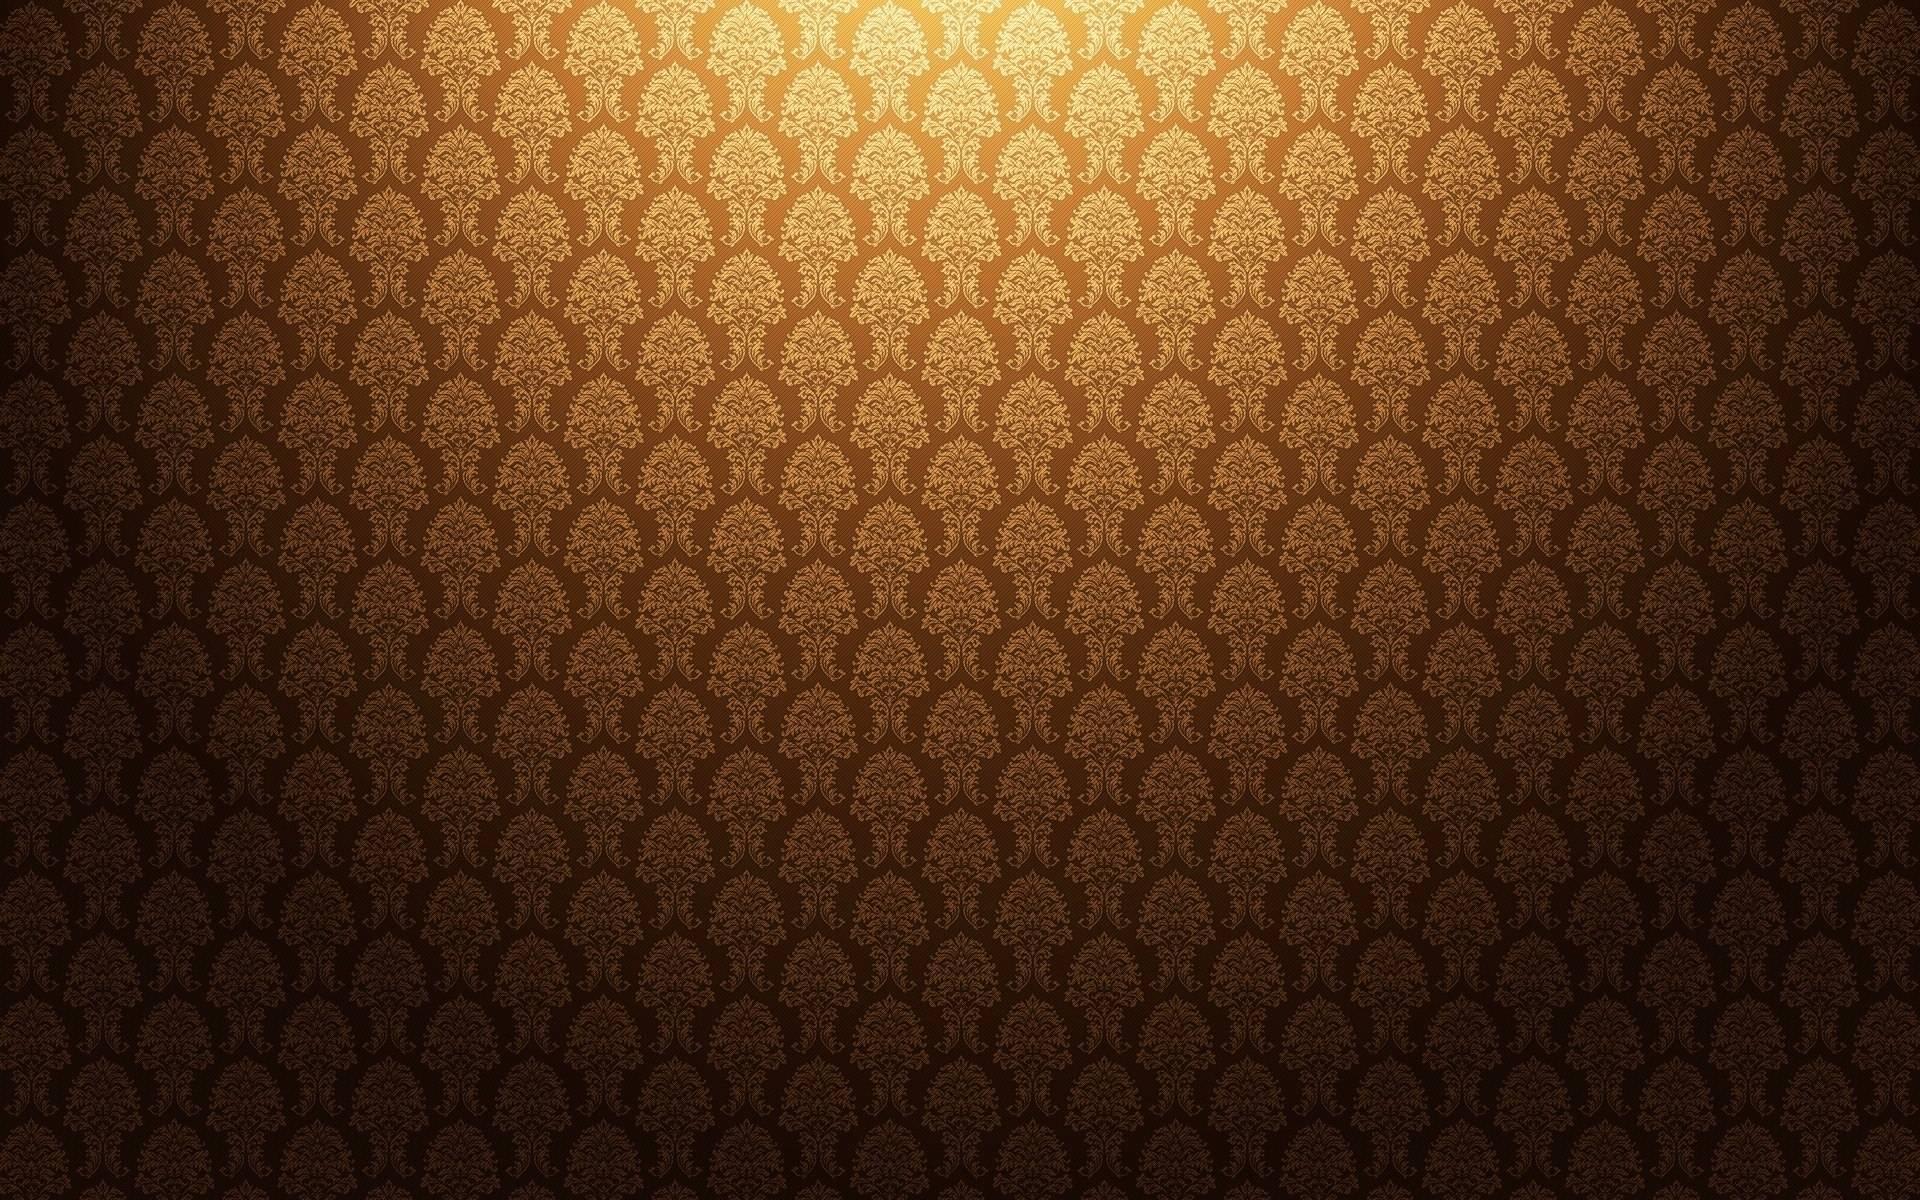 Gold Vintage Background Wallpaper | Wallpaper Download